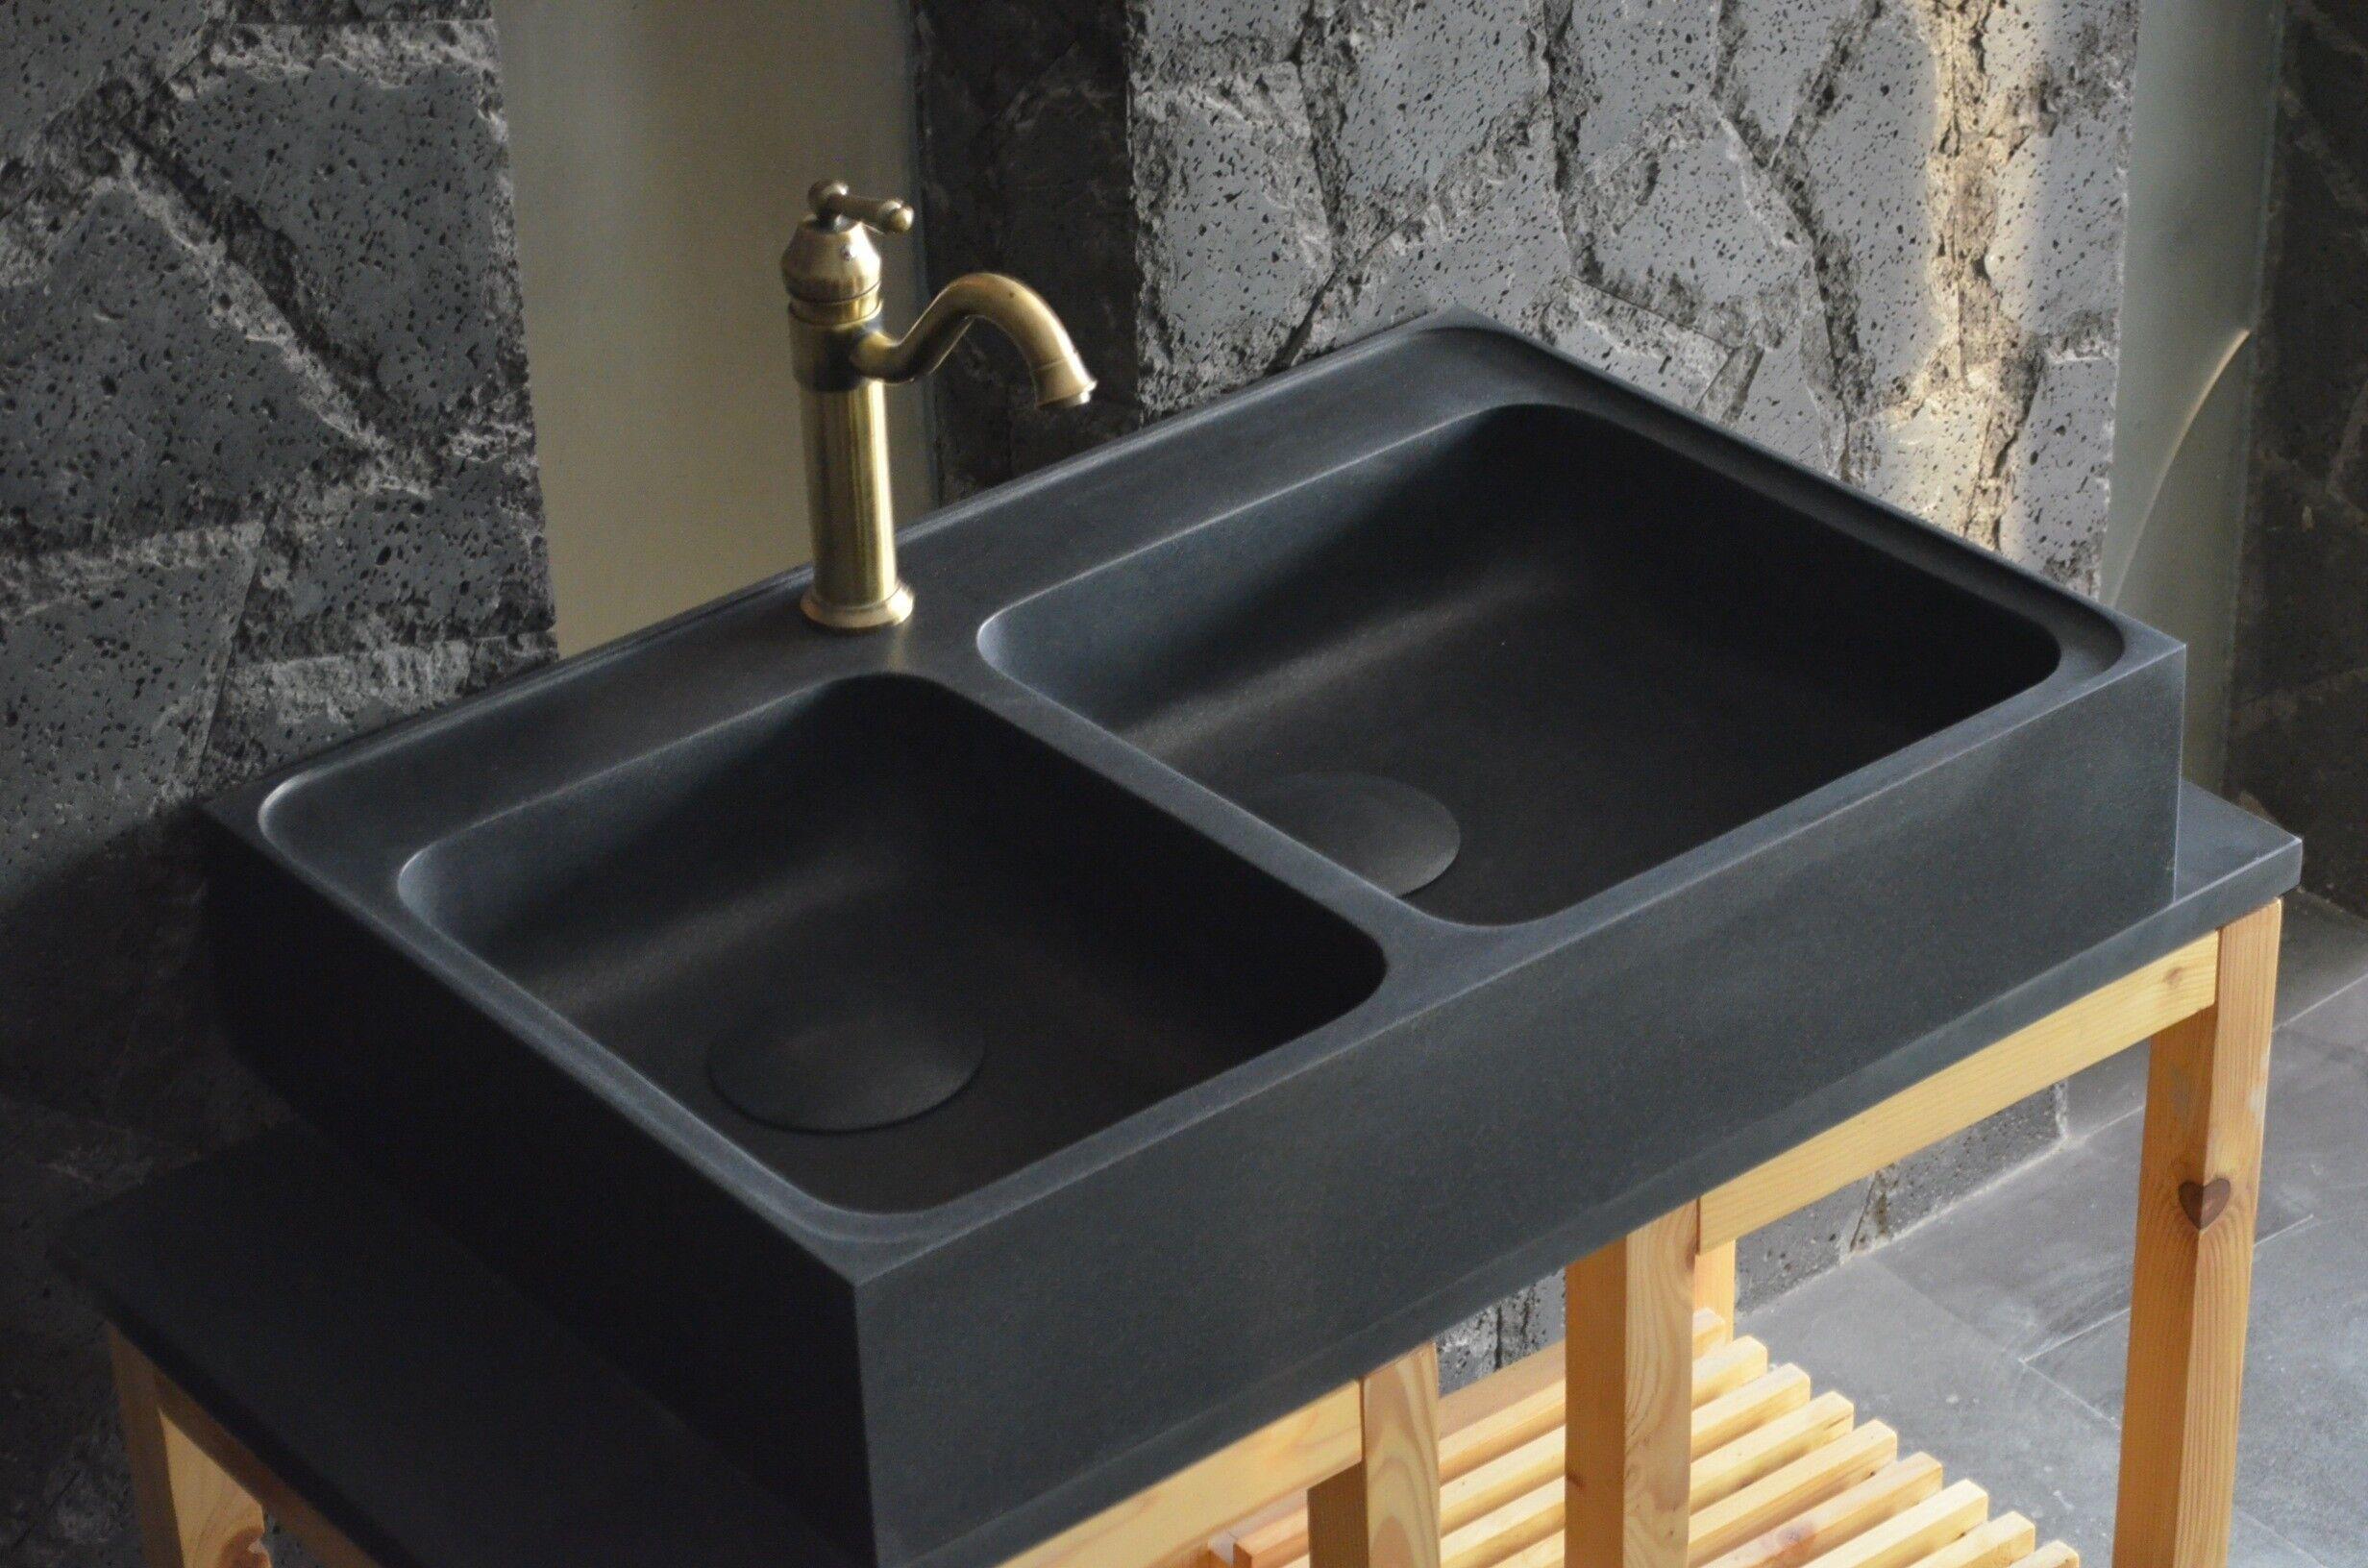 LivingRoc Évier en pierre granit noir spécial cuisine 90x60 KARMA SHADOW